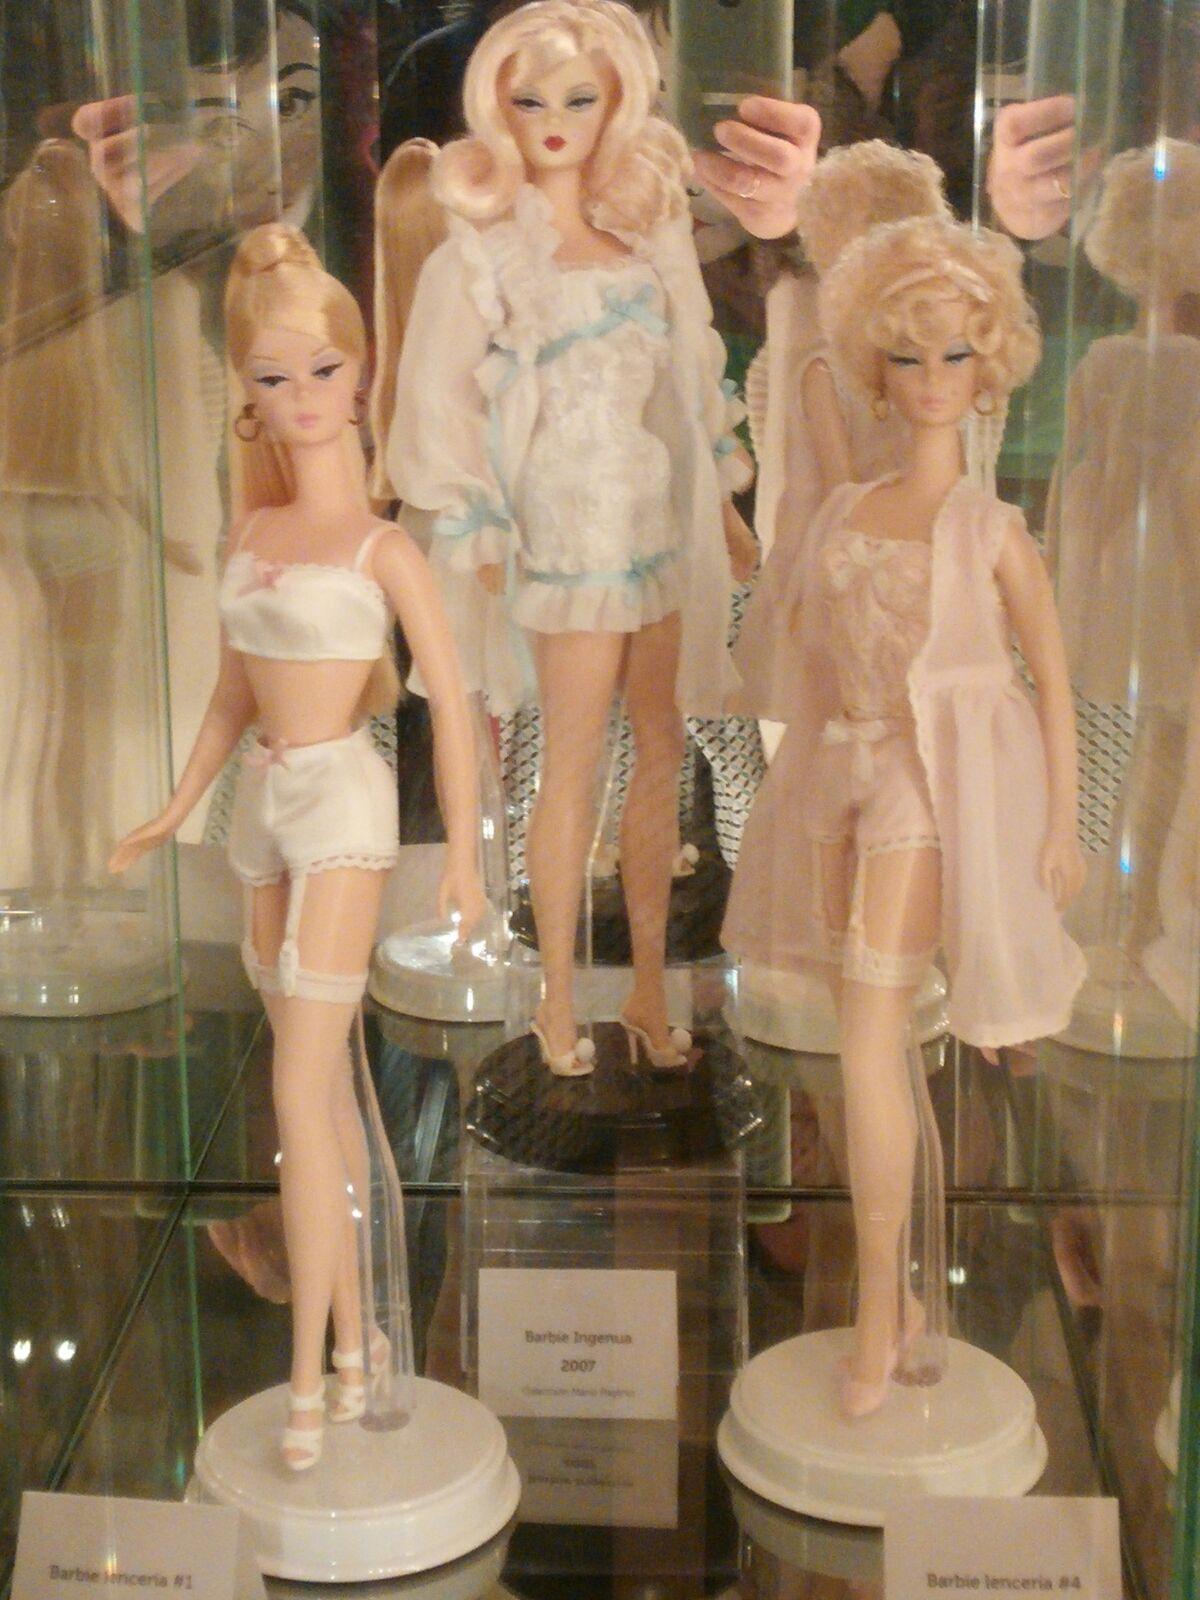 exposicion barbie 4